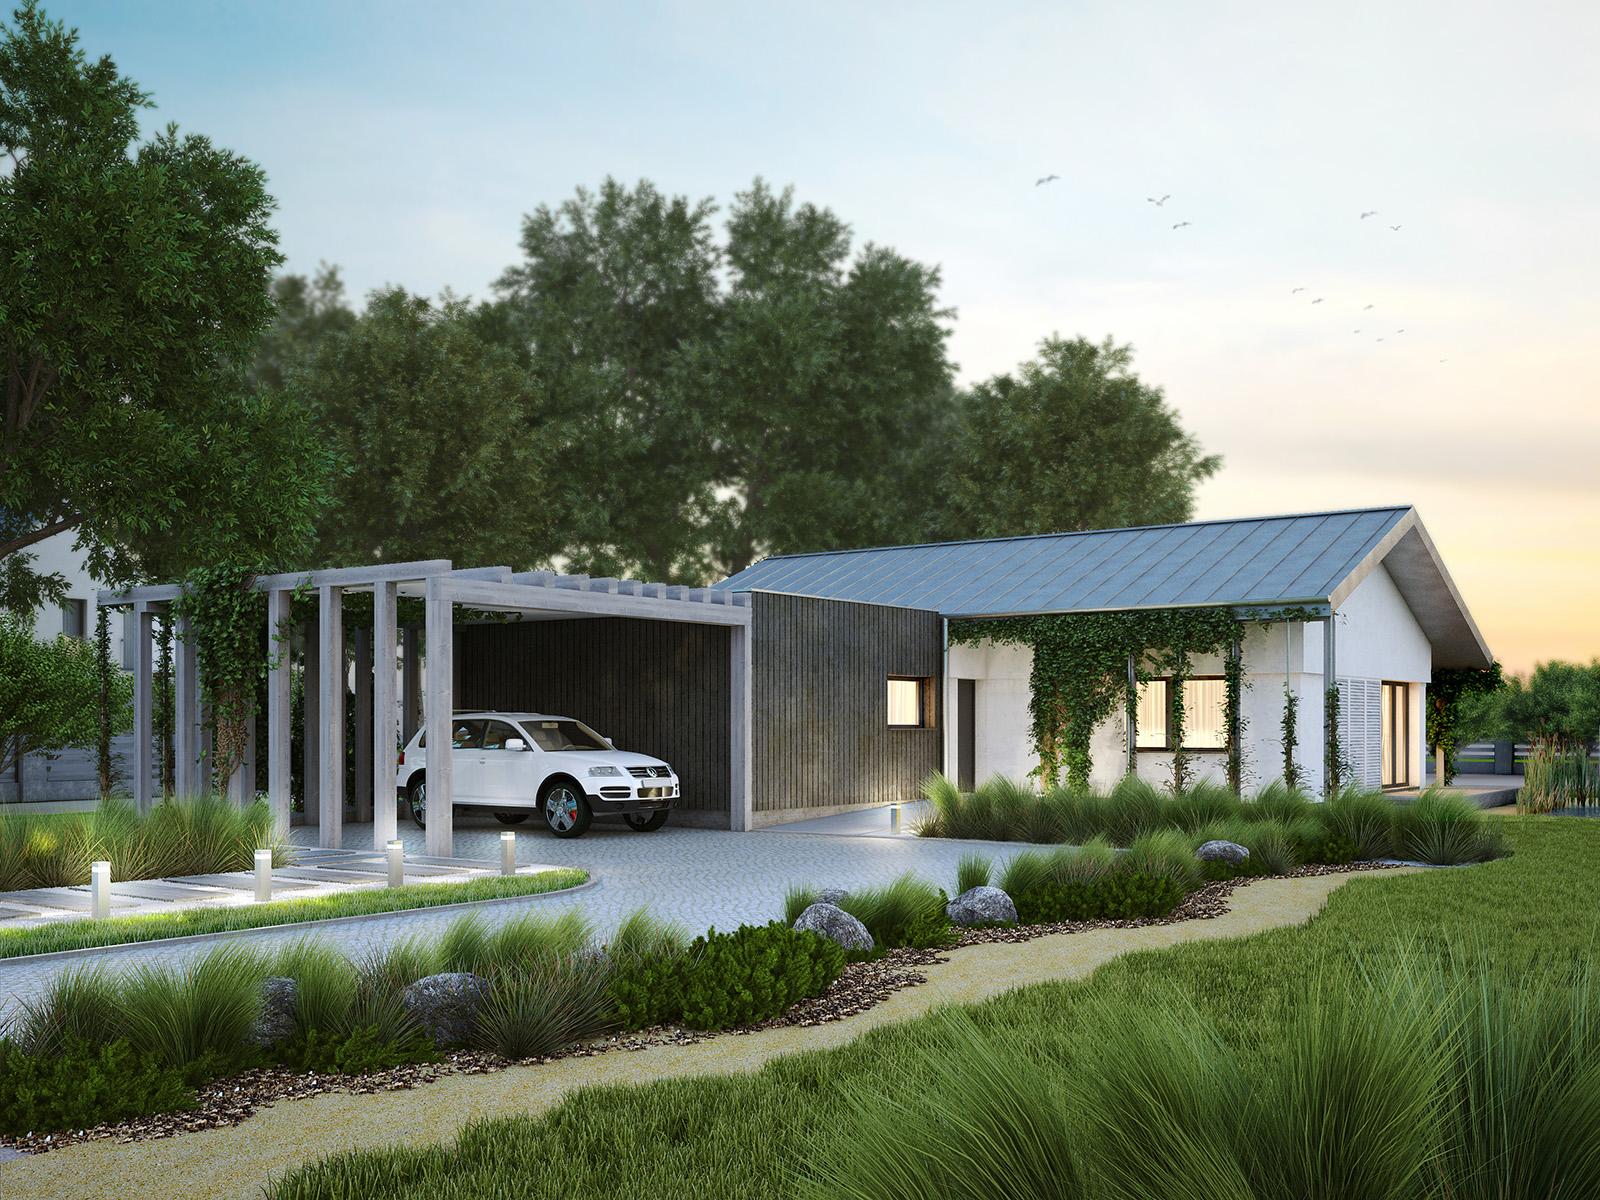 Projekt domu NIZINNY Domy Czystej Energii widok od frontu